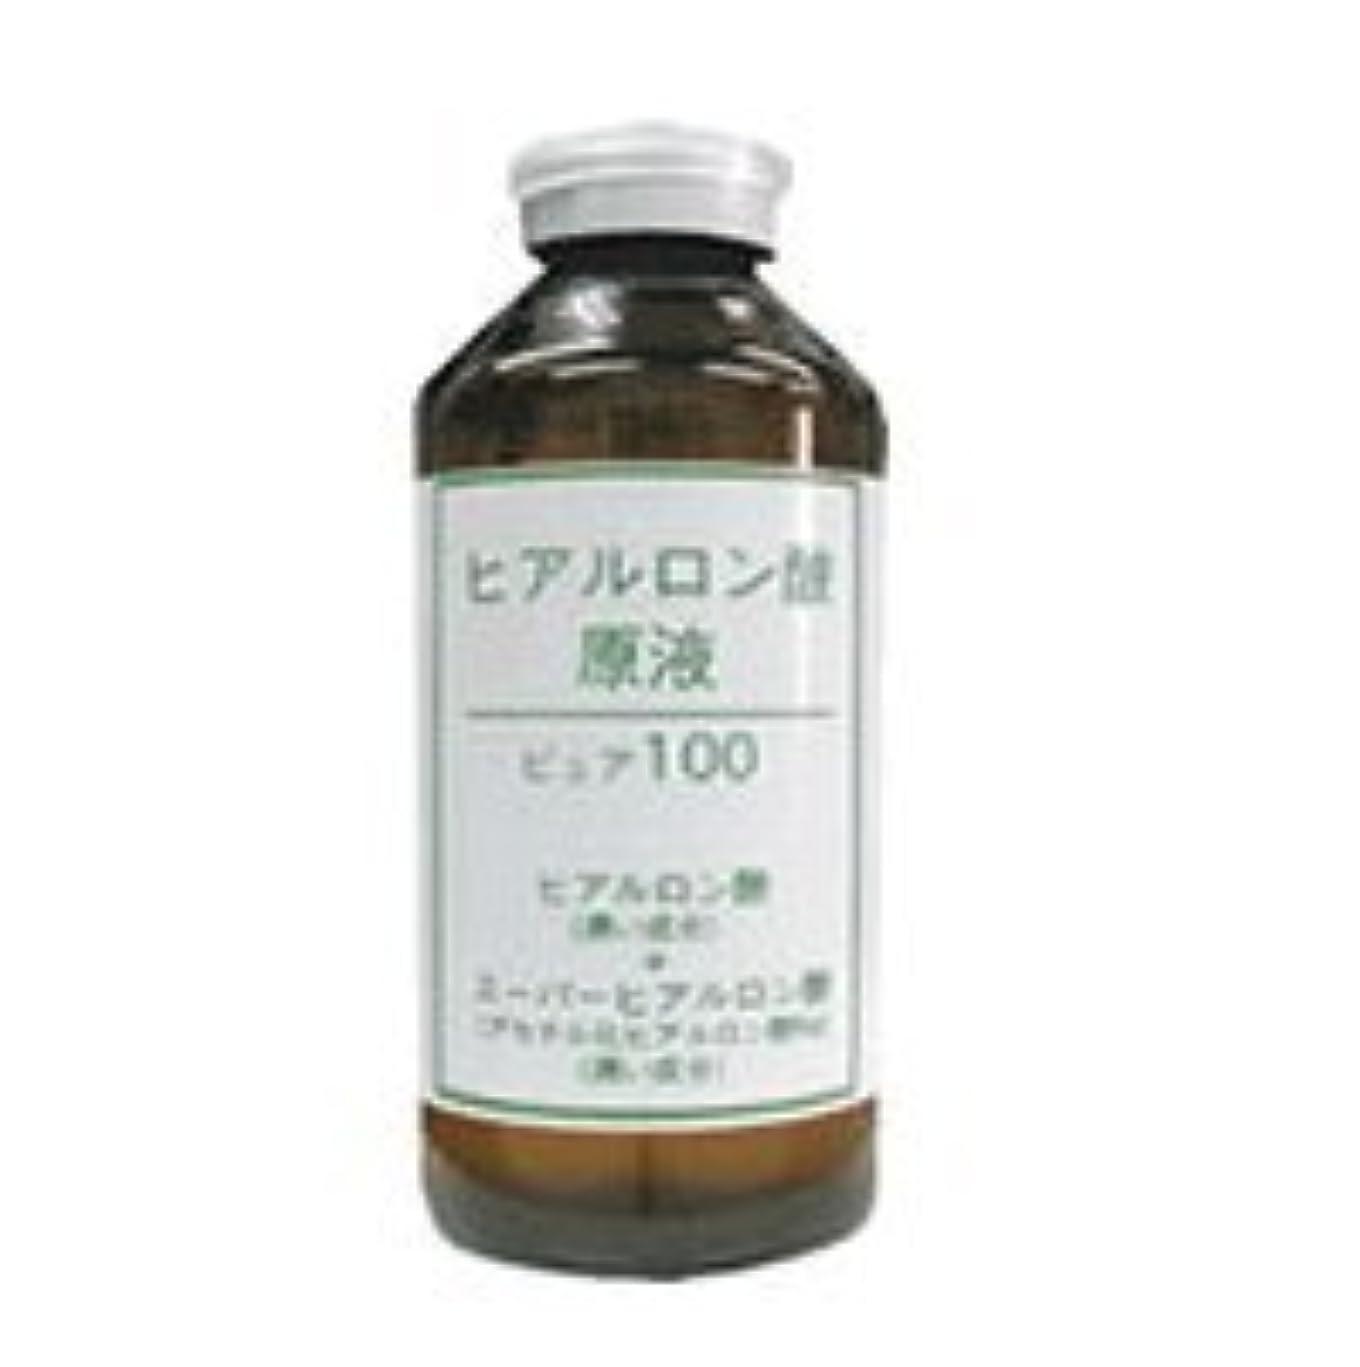 帽子破裂意気消沈したヒアルロン酸原液 ピュアエッセンス 55ml  ヒアルロン酸+スーパーヒアルロン酸